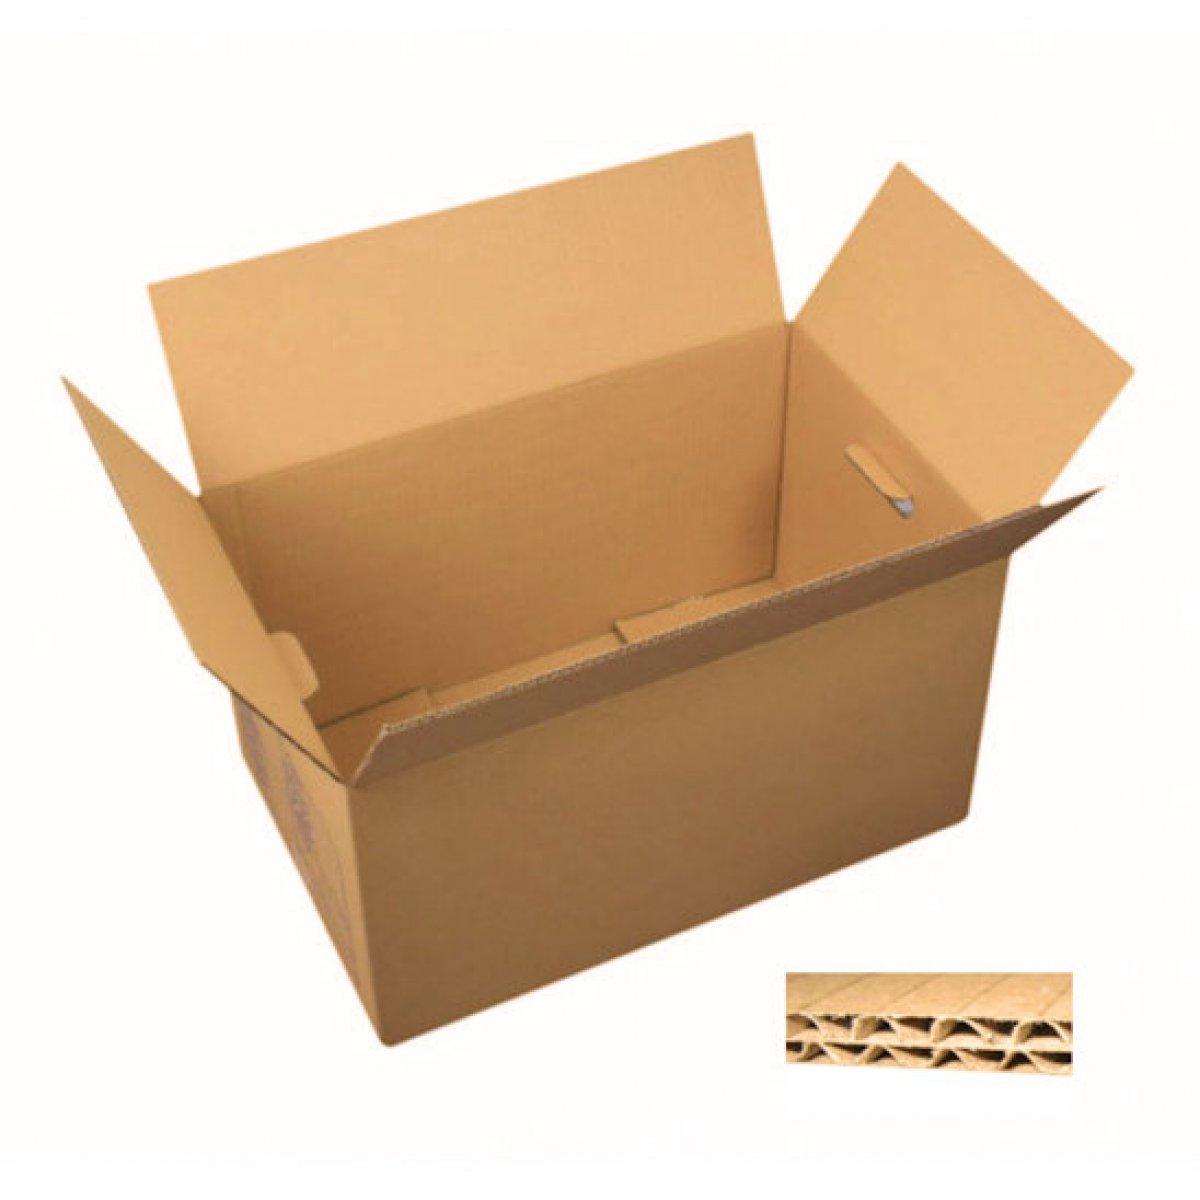 Devis déménagement : de quoi s'agit-il exactement ?